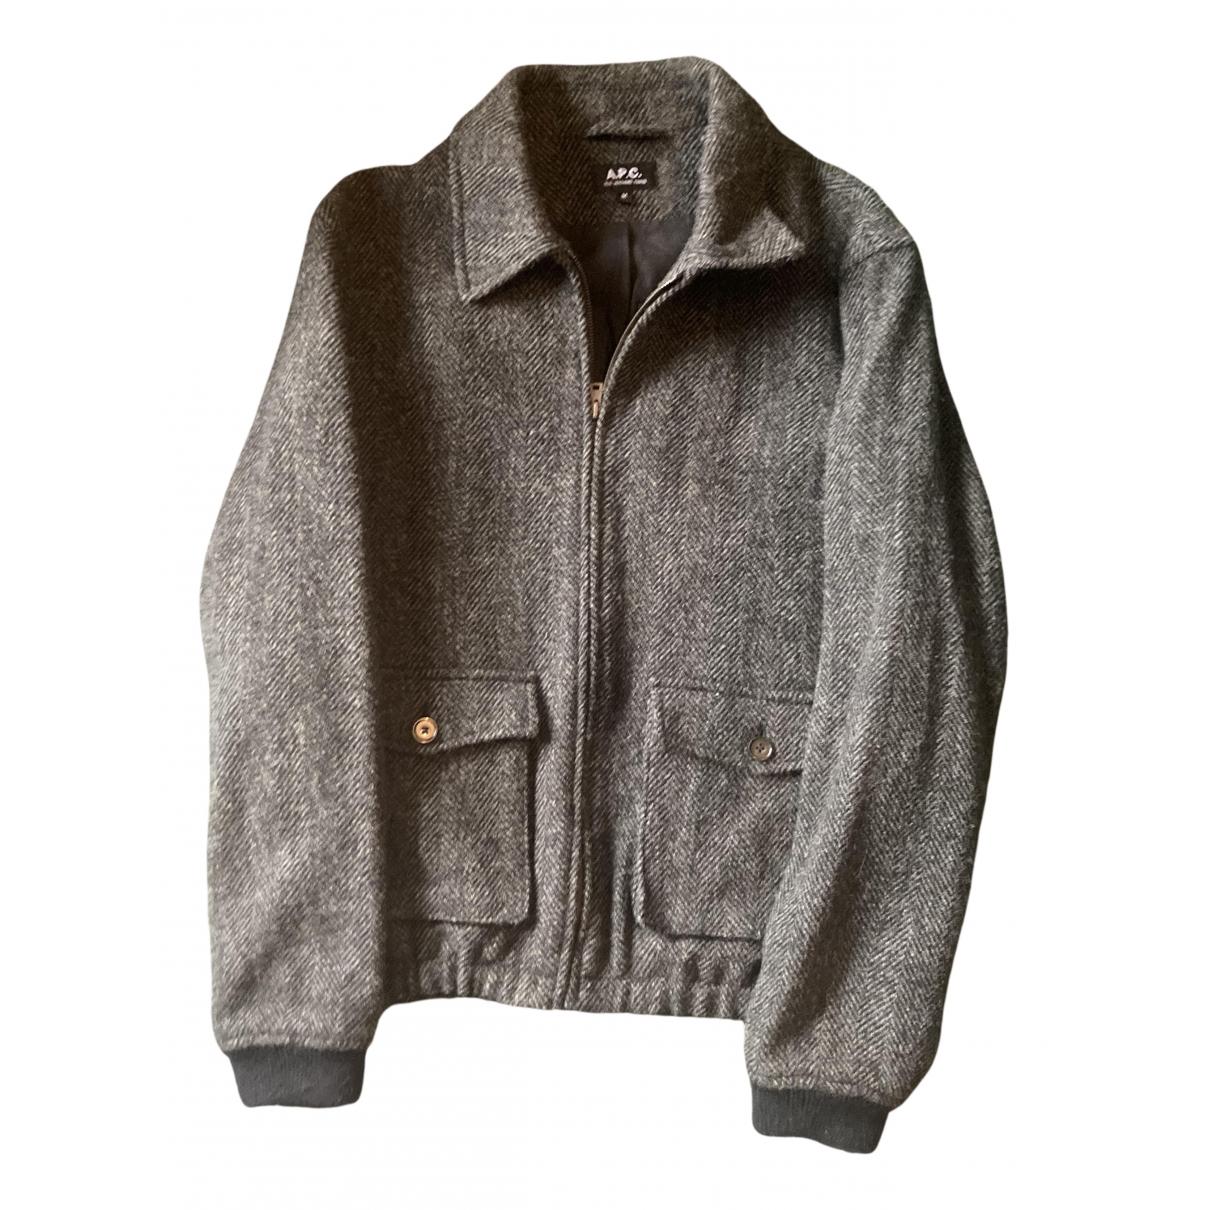 Apc \N Jacke in  Gruen Tweed